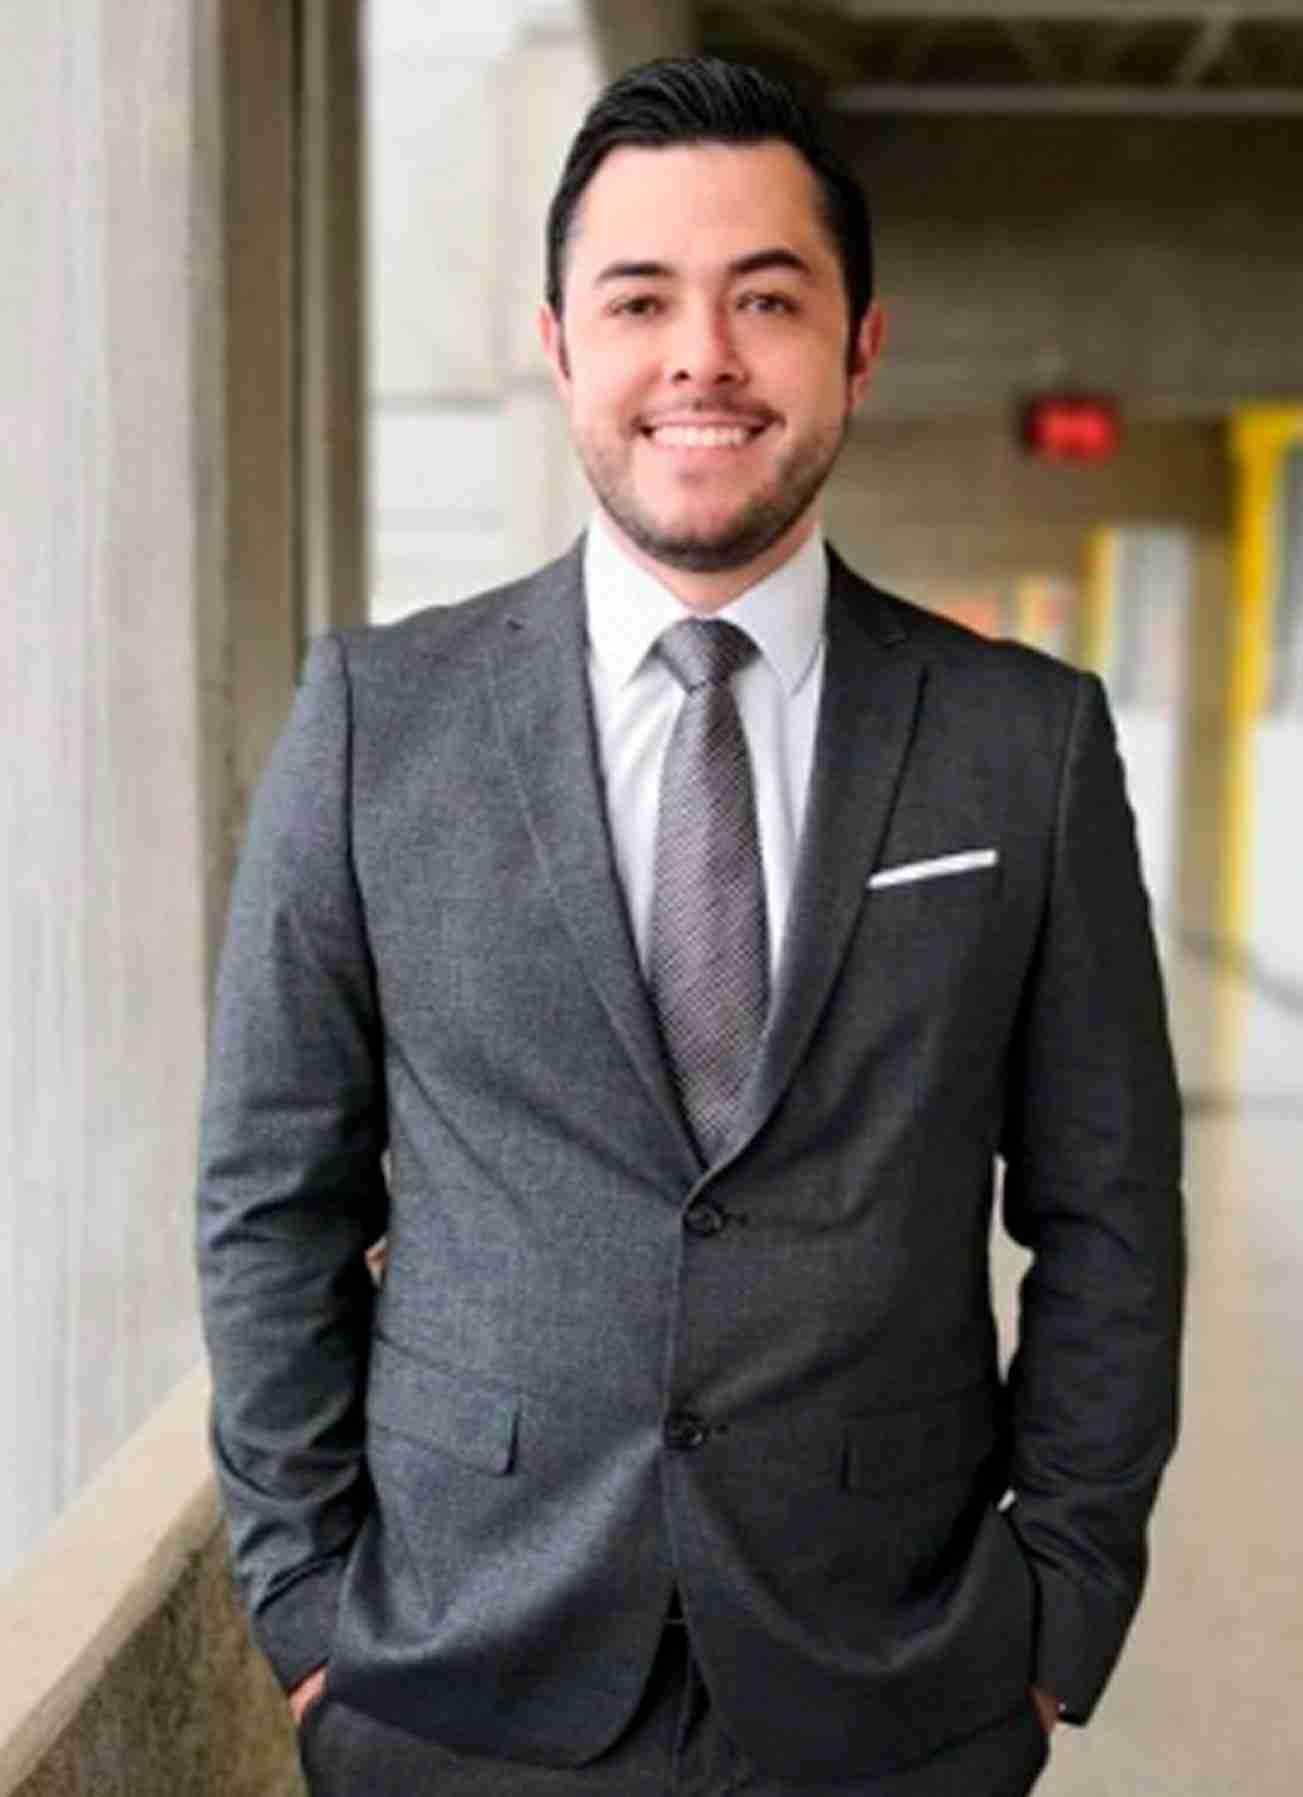 Dr. Diego Ramirez